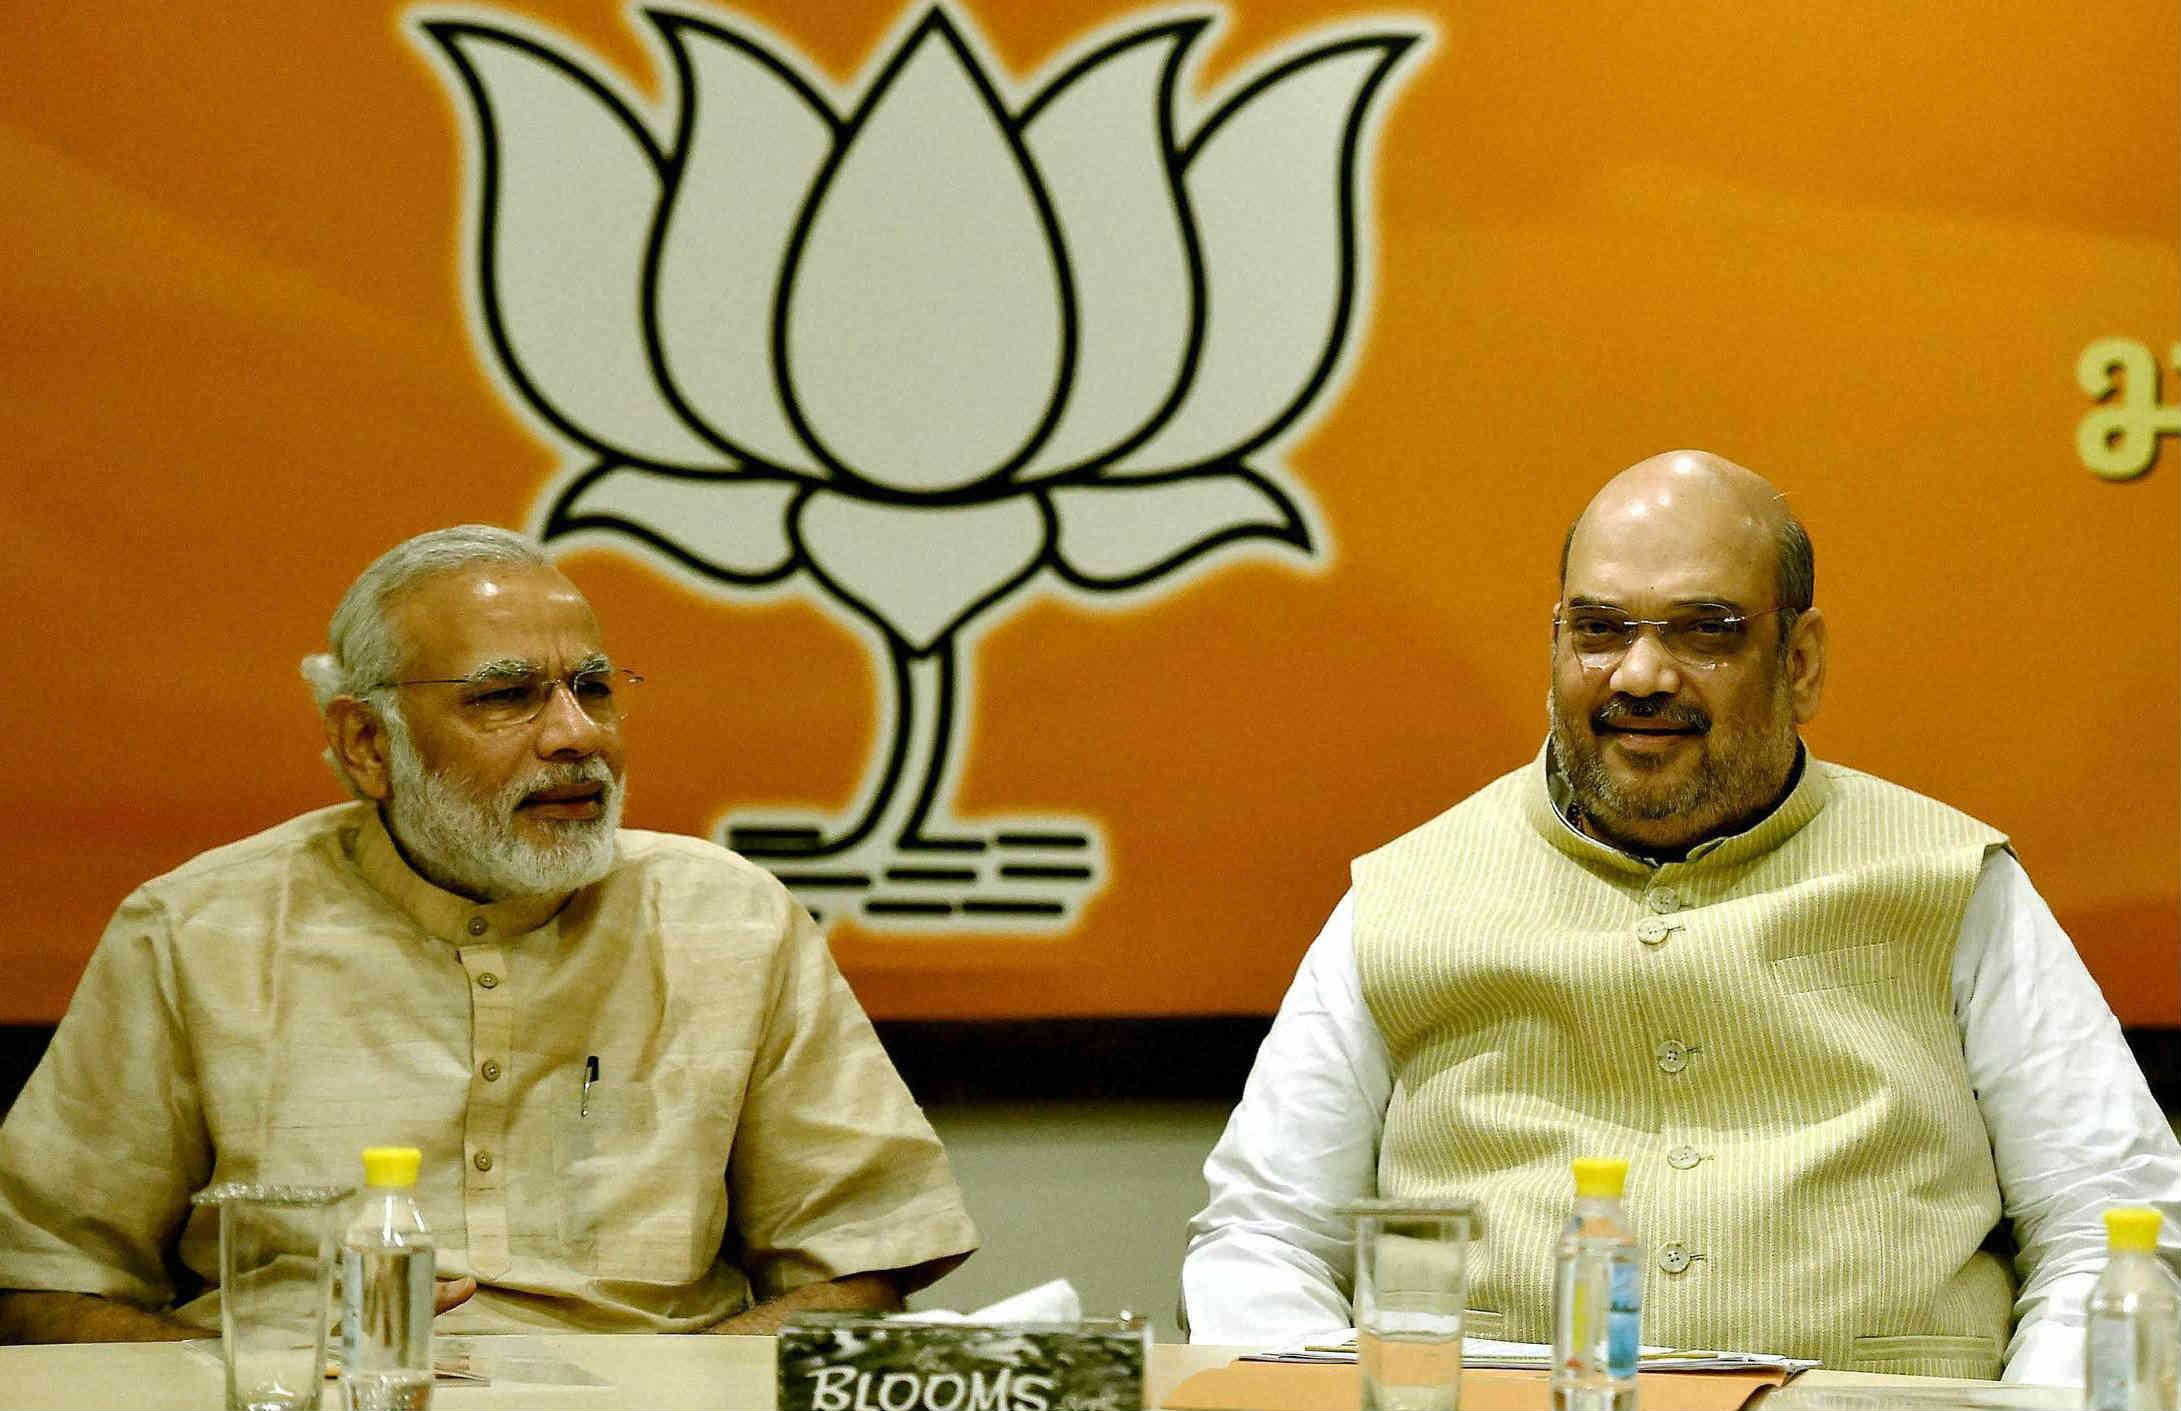 Dadri Incident, BJP, Sangeet Som, Sakshi Maharaj, दादरी कांड, संगीत सोम, साक्षी महाराज, भाजपा, भड़काऊ बयान